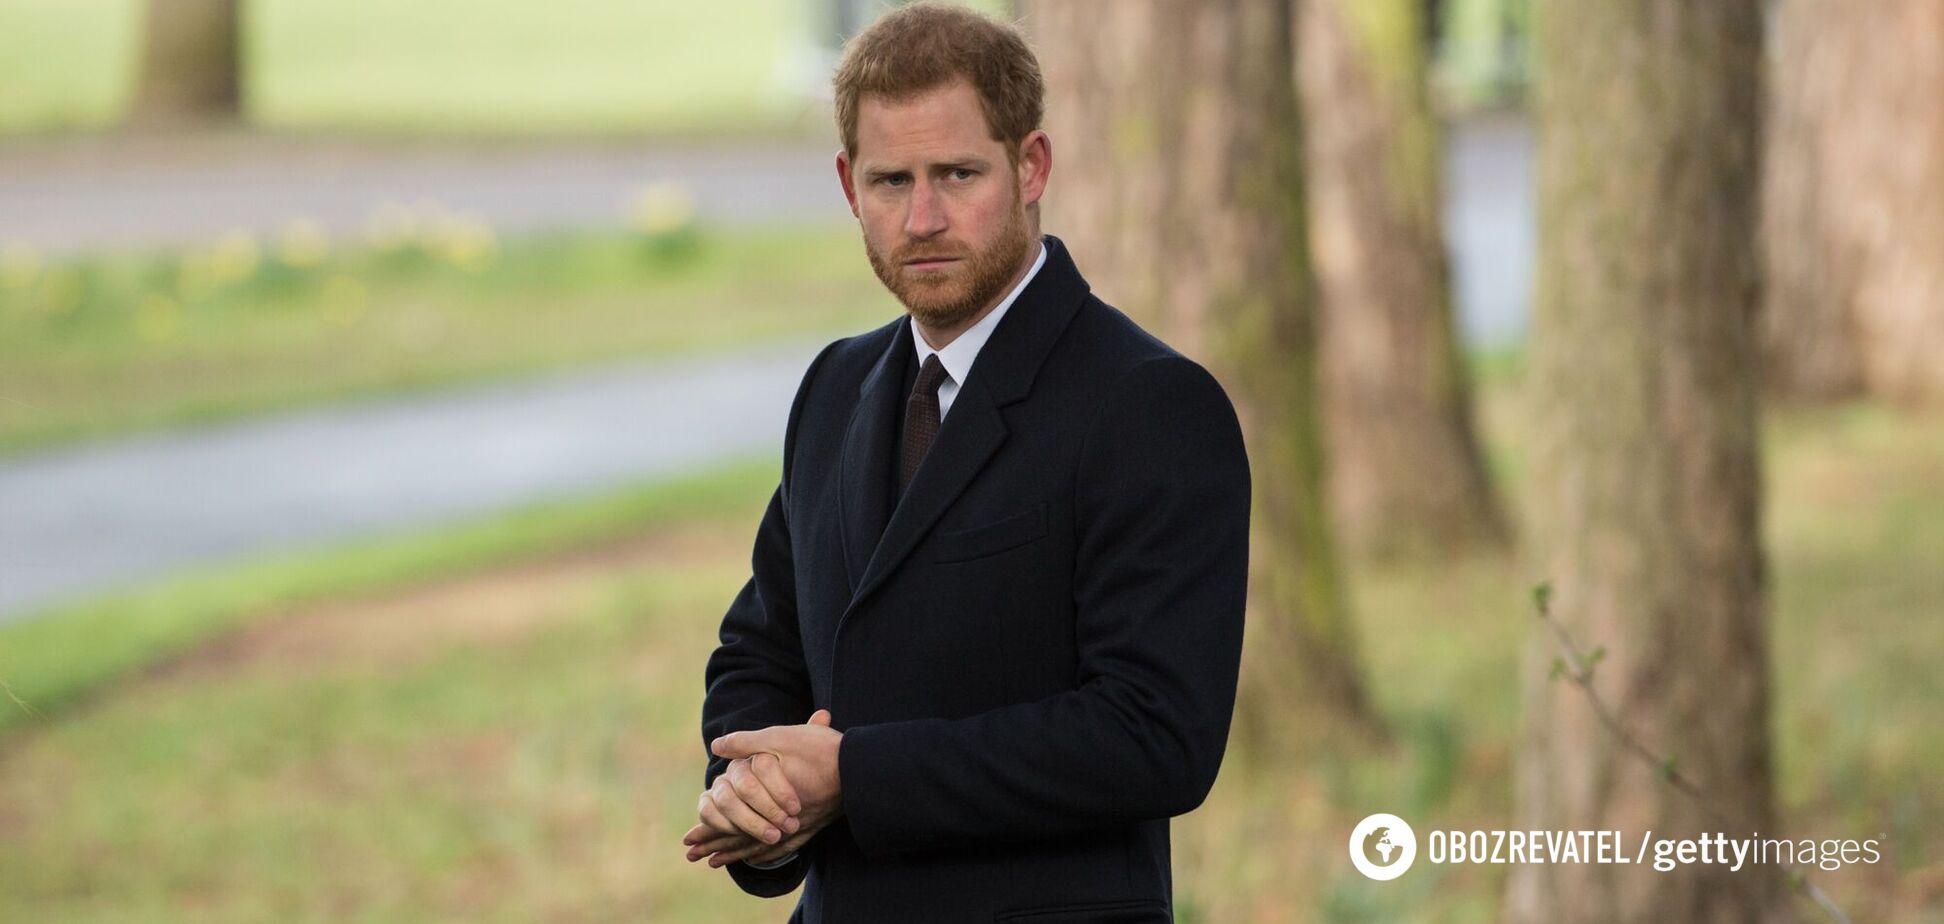 Принц Гарри считает переезд в США лучшим решением в жизни – СМИ